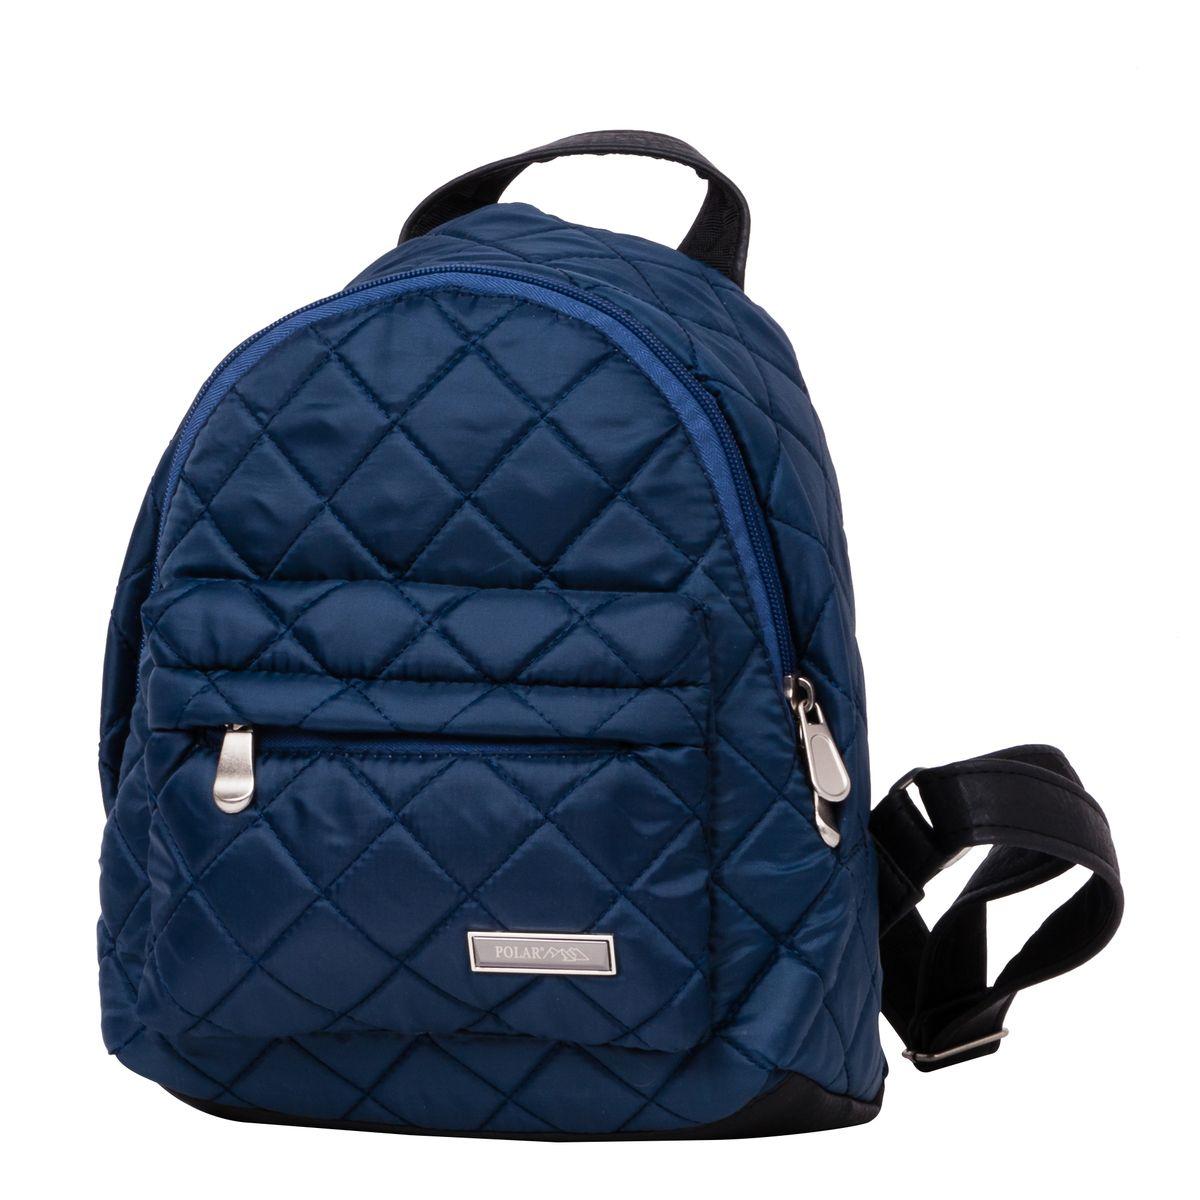 Рюкзак городской женский Polar, цвет: темно-синий, 9 л. п7075-04RivaCase 7560 blueРюкзак Polar выполнен из высококачественного полиэстера, который не пропускает воду. Рюкзак оформлен декоративной прострочкой и фирменной металлической пластинкой.На лицевой стороне расположен объемный накладной карман на молнии для мелочей. Рюкзак имеет петлю для подвешивания и две удобные лямки, длина которых регулируется с помощью пряжек. Изделие застегивается на застежку-молнию. Внутри расположено главное отделение, которое содержит вшитый карман на молнии и два открытых накладных кармана для телефона и мелочей.